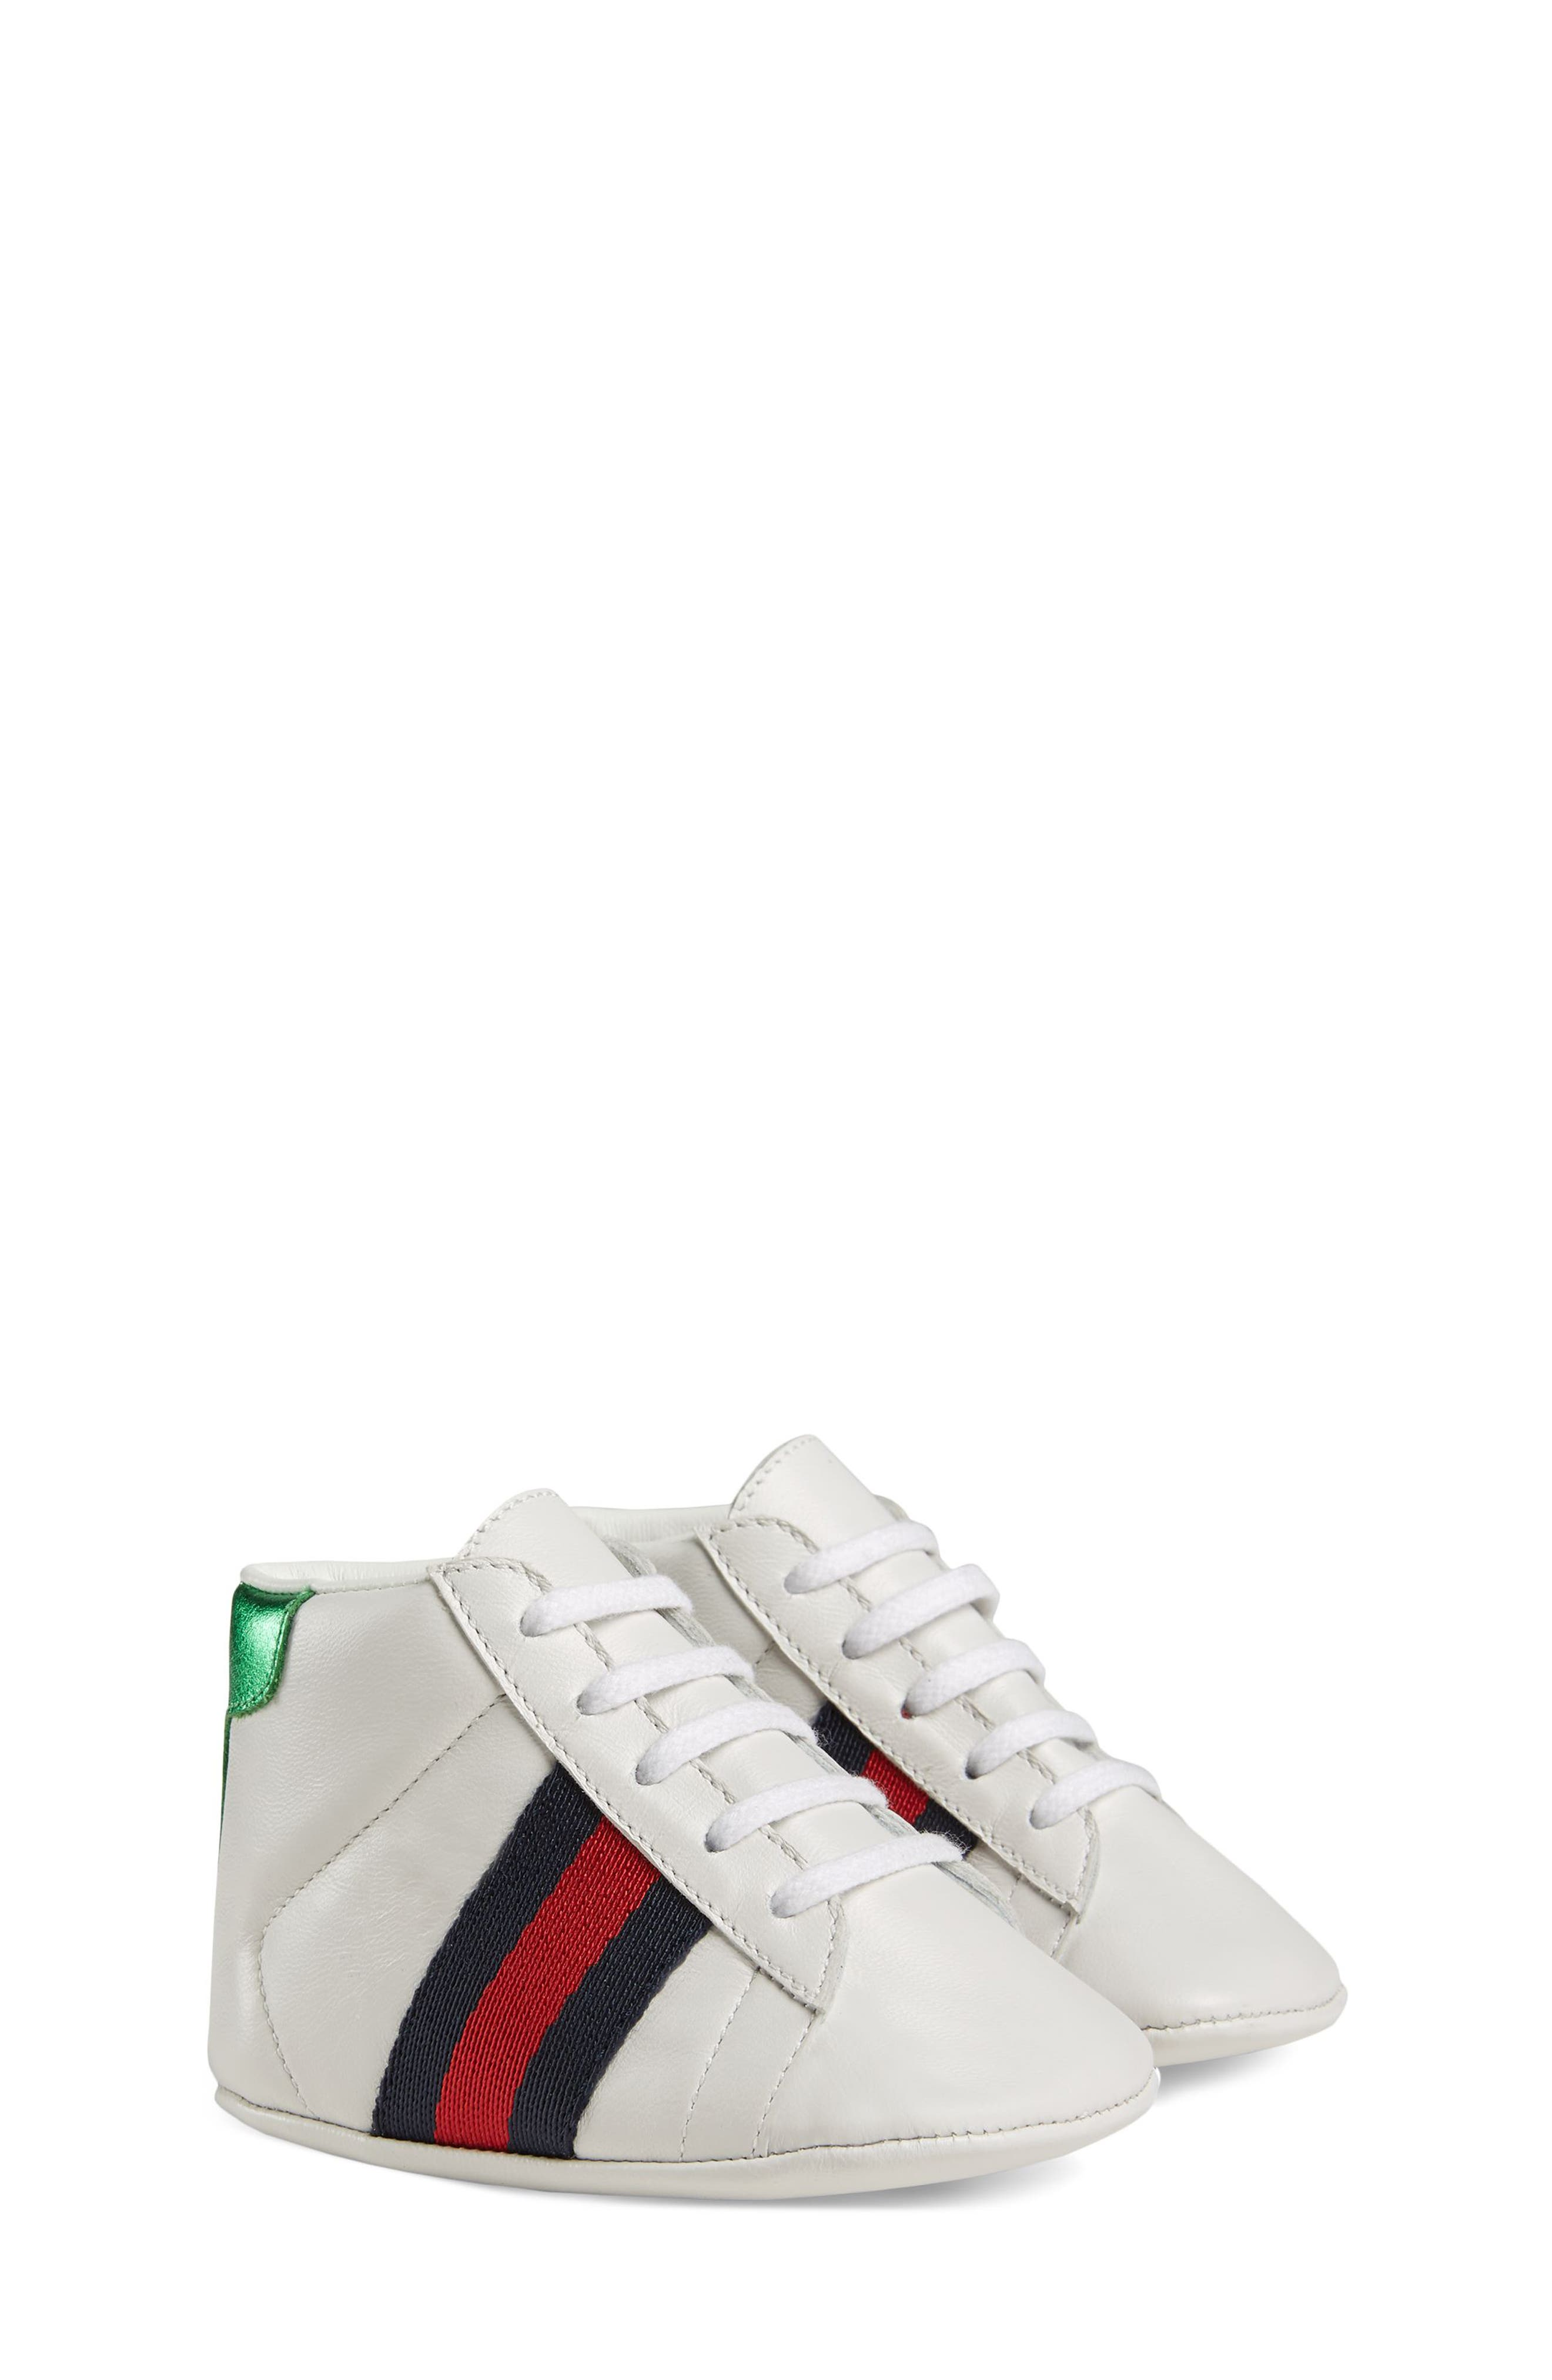 Gucci New Ace Crib Shoe